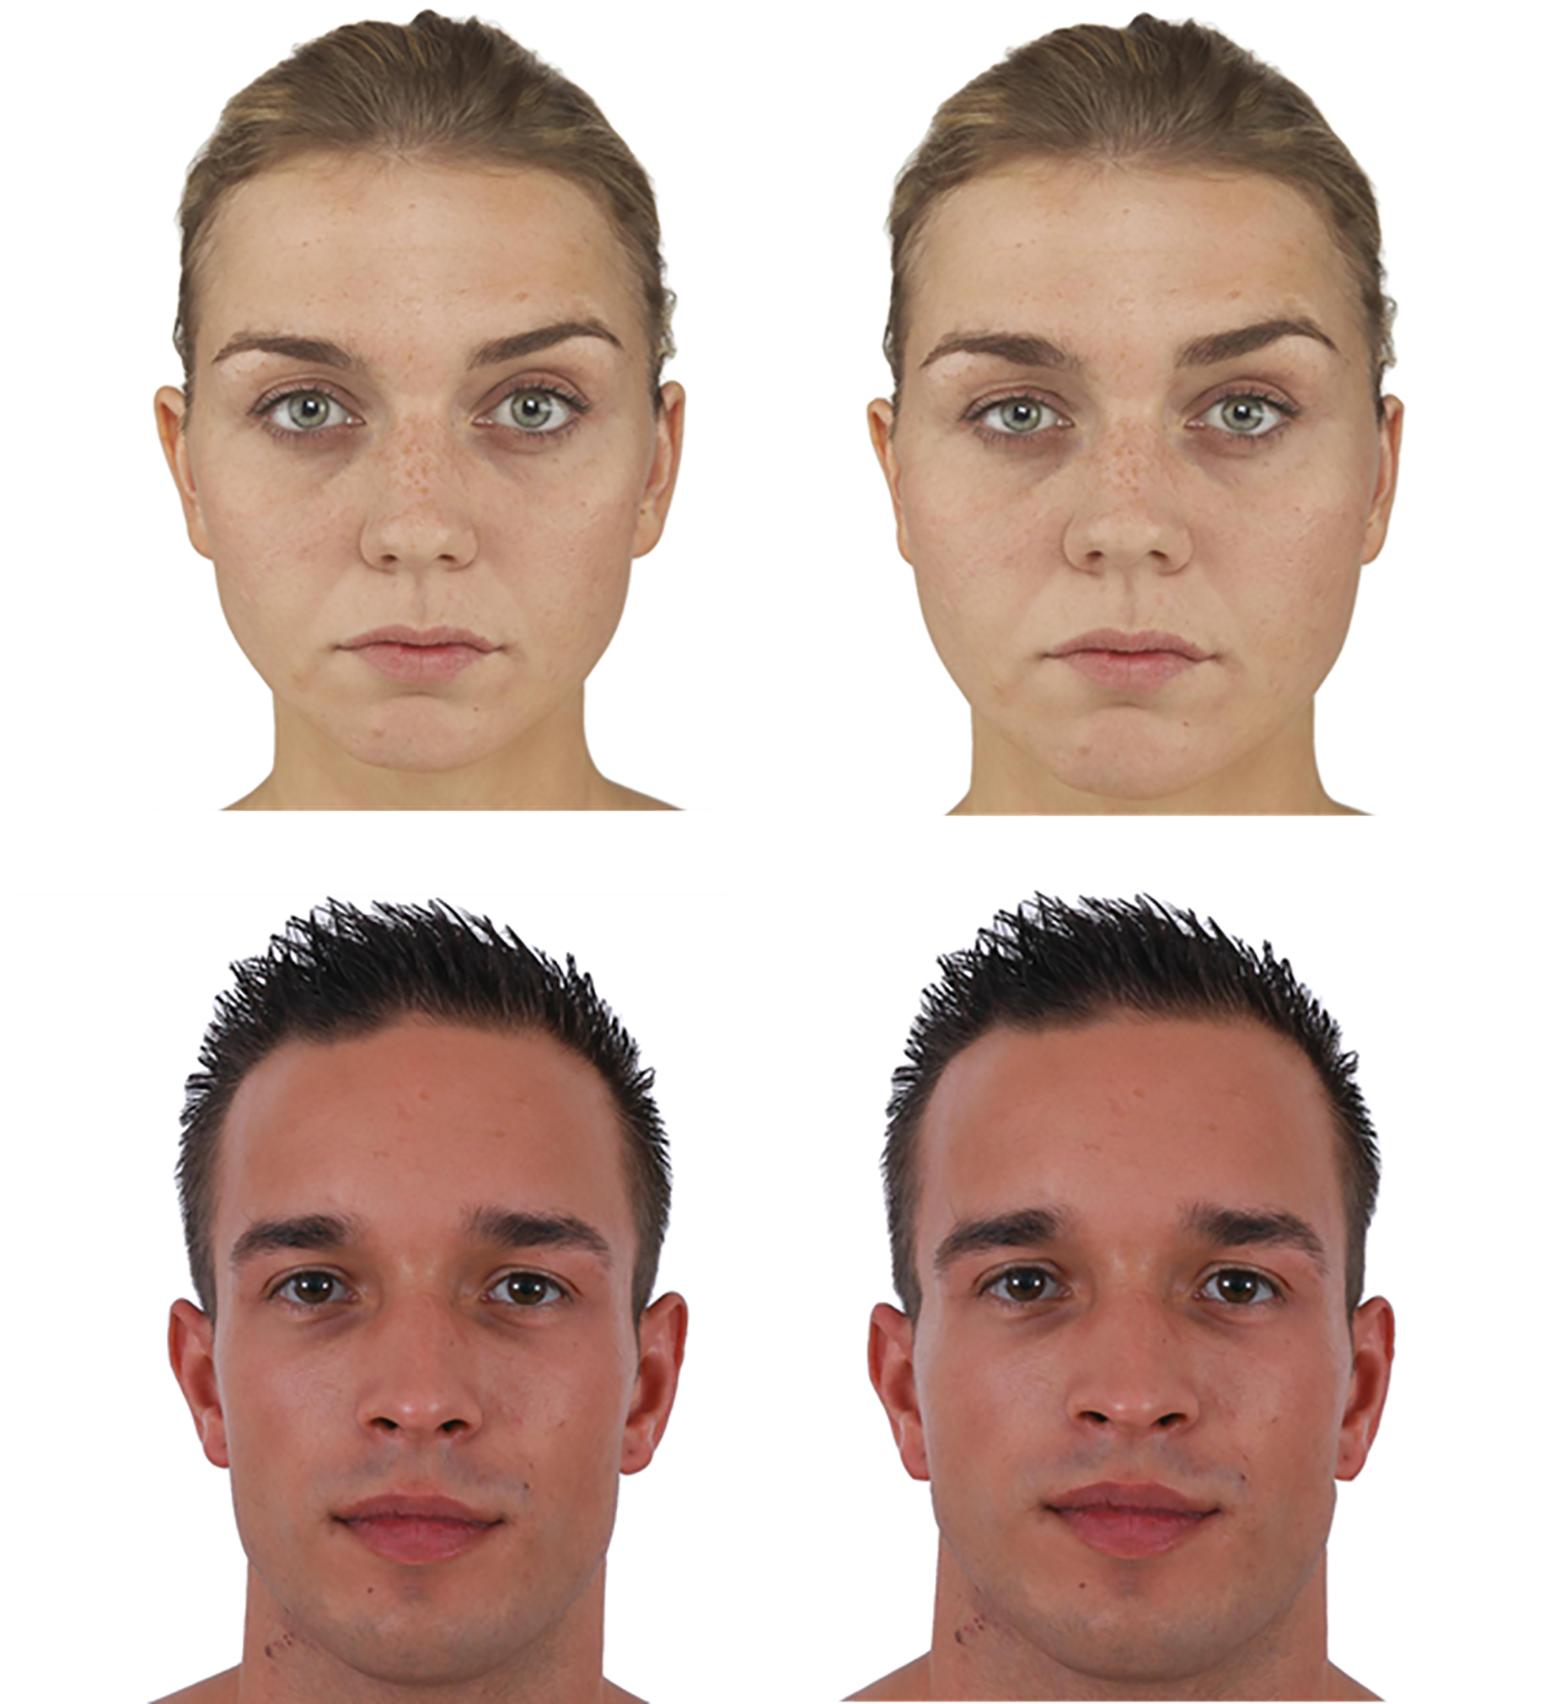 Nickson et al. Test Faces